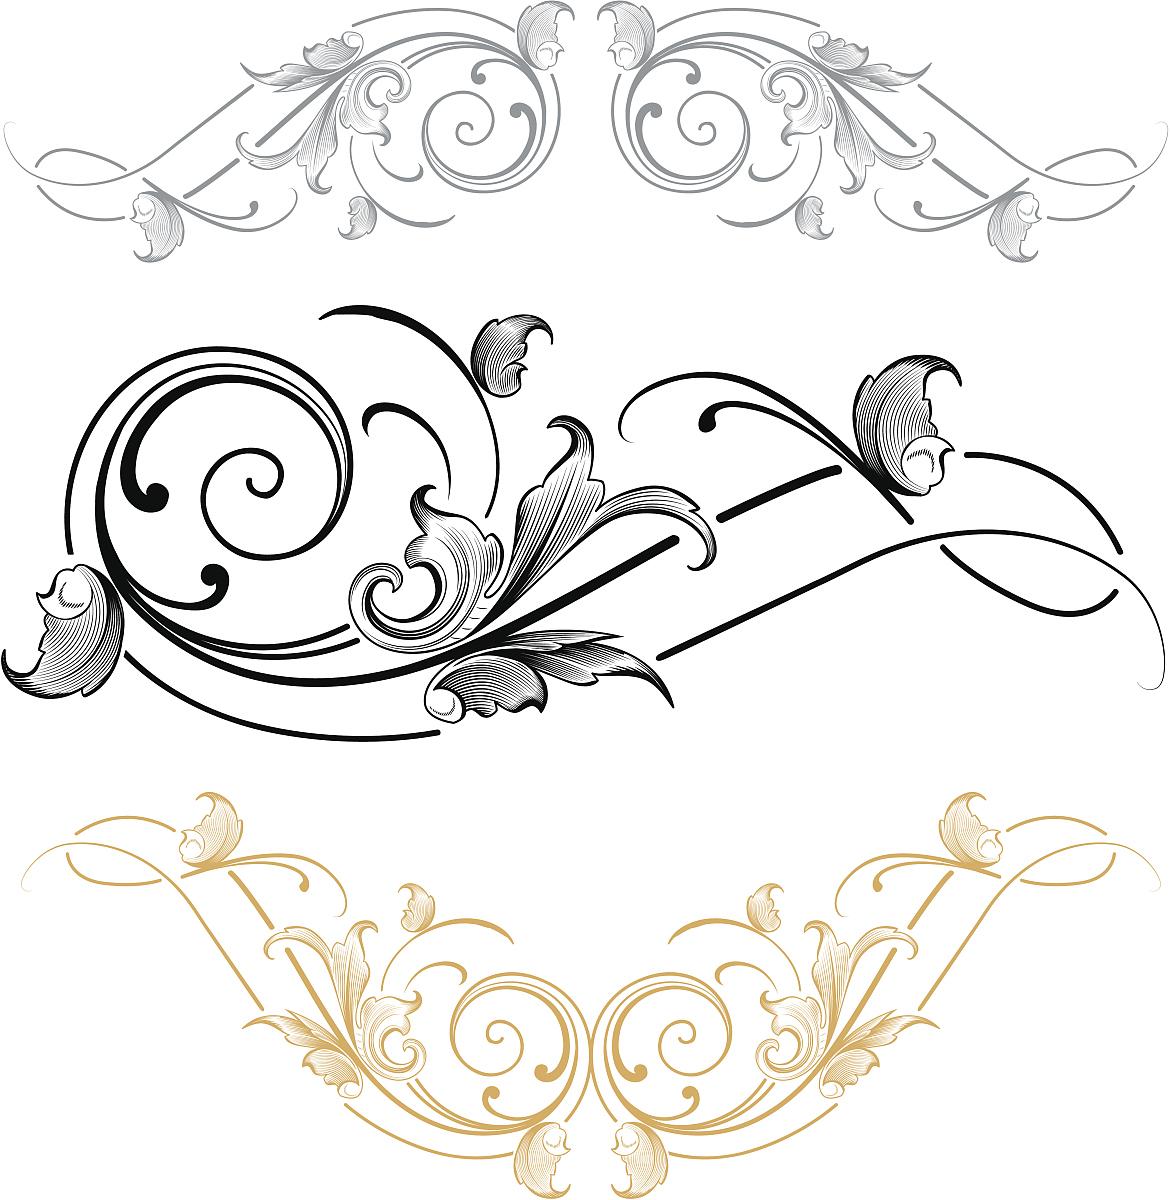 雕刻术,华丽的,过时的,古董,花纹,矢量,阿拉伯风格,装饰镜板,花体图片